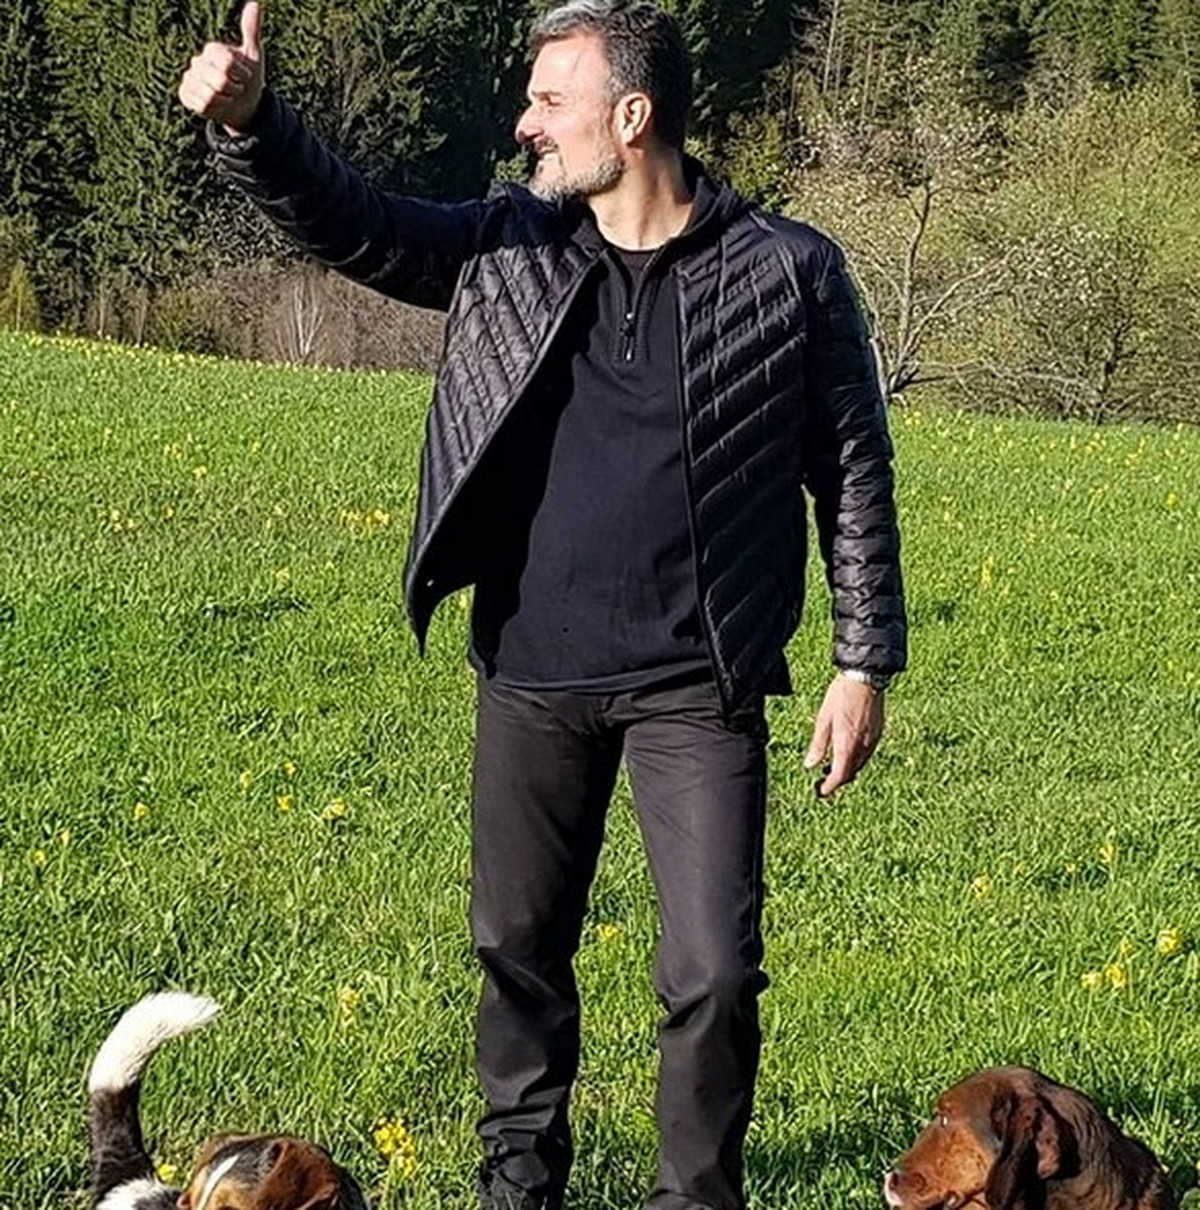 NEKI SU RAZOČARANI MOJIM ODLASKOM Srpski pevač je posle 30 godina napustio popularni bend i konačno progovorio o svemu VIDEO